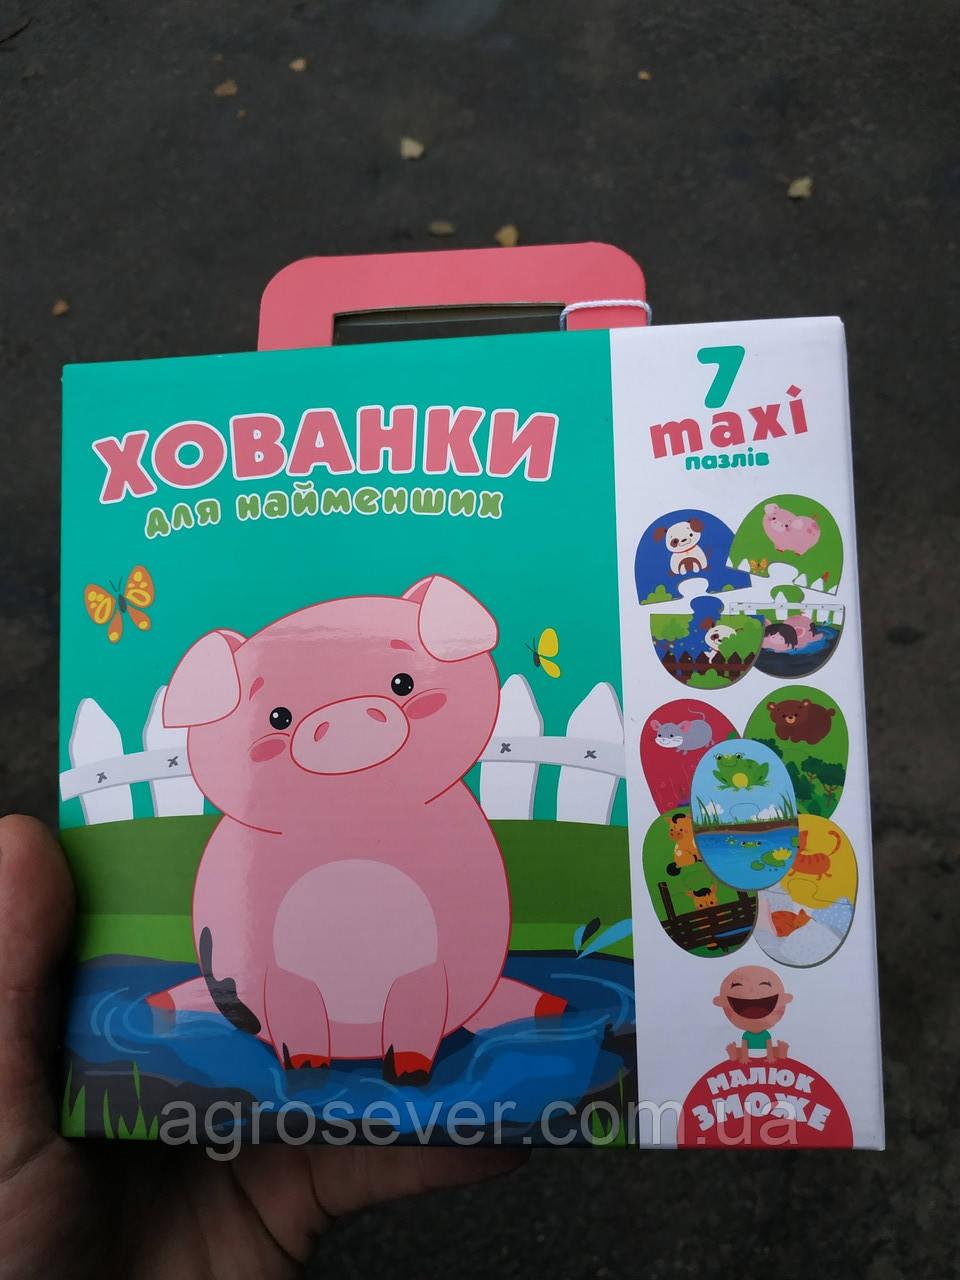 """Пазли - двійнята """"Хованки для найменших"""" (укр)"""